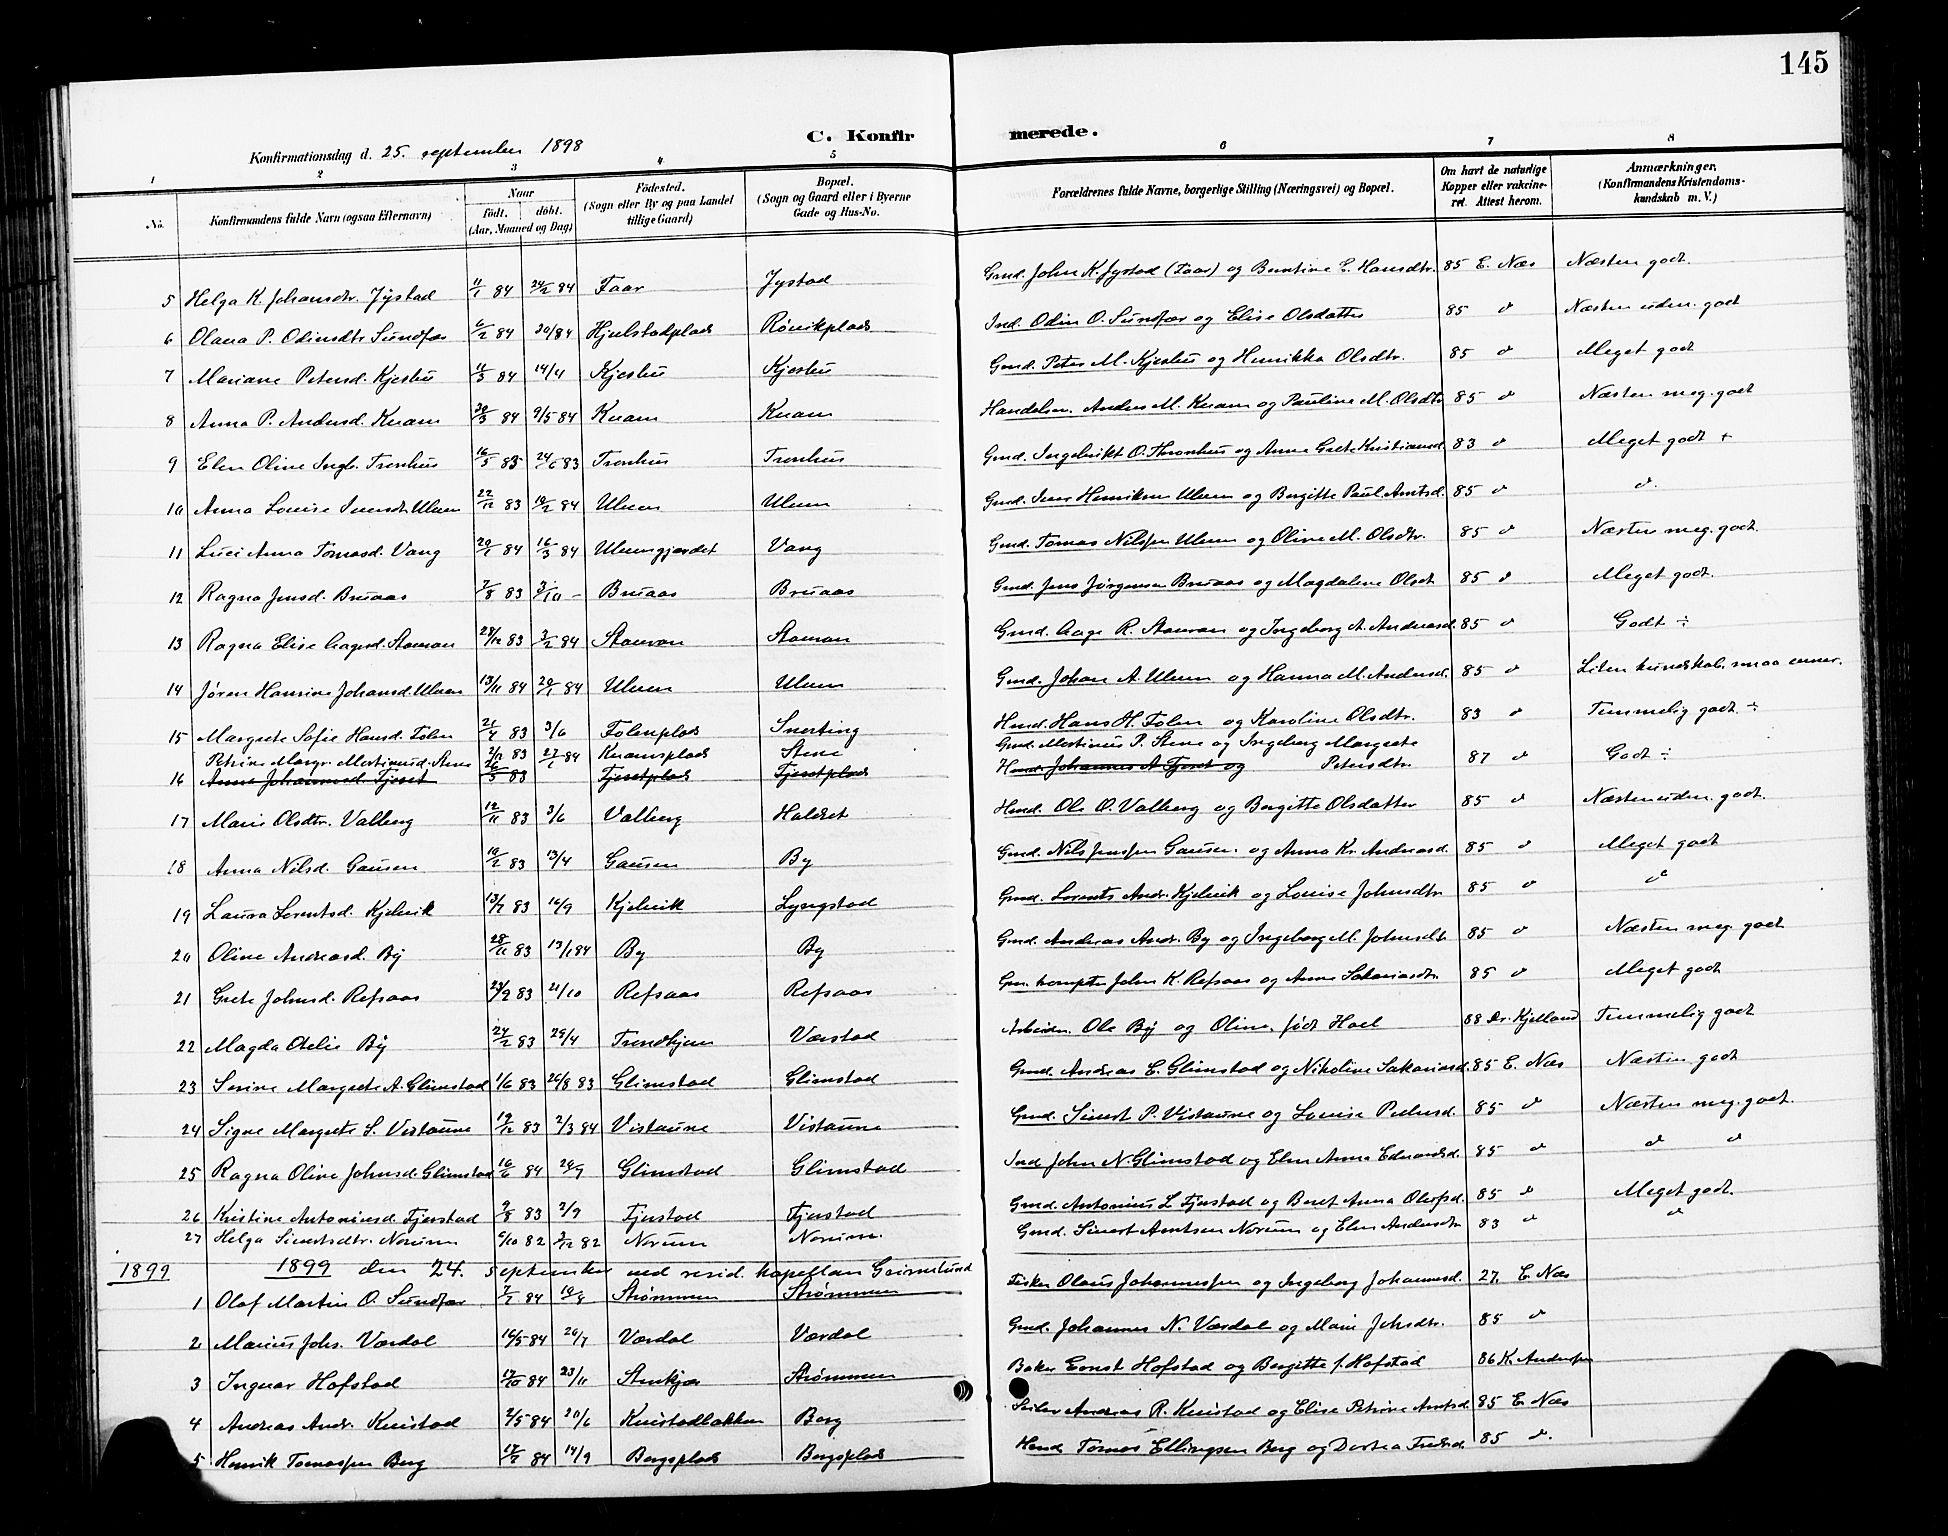 SAT, Ministerialprotokoller, klokkerbøker og fødselsregistre - Nord-Trøndelag, 730/L0302: Klokkerbok nr. 730C05, 1898-1924, s. 145